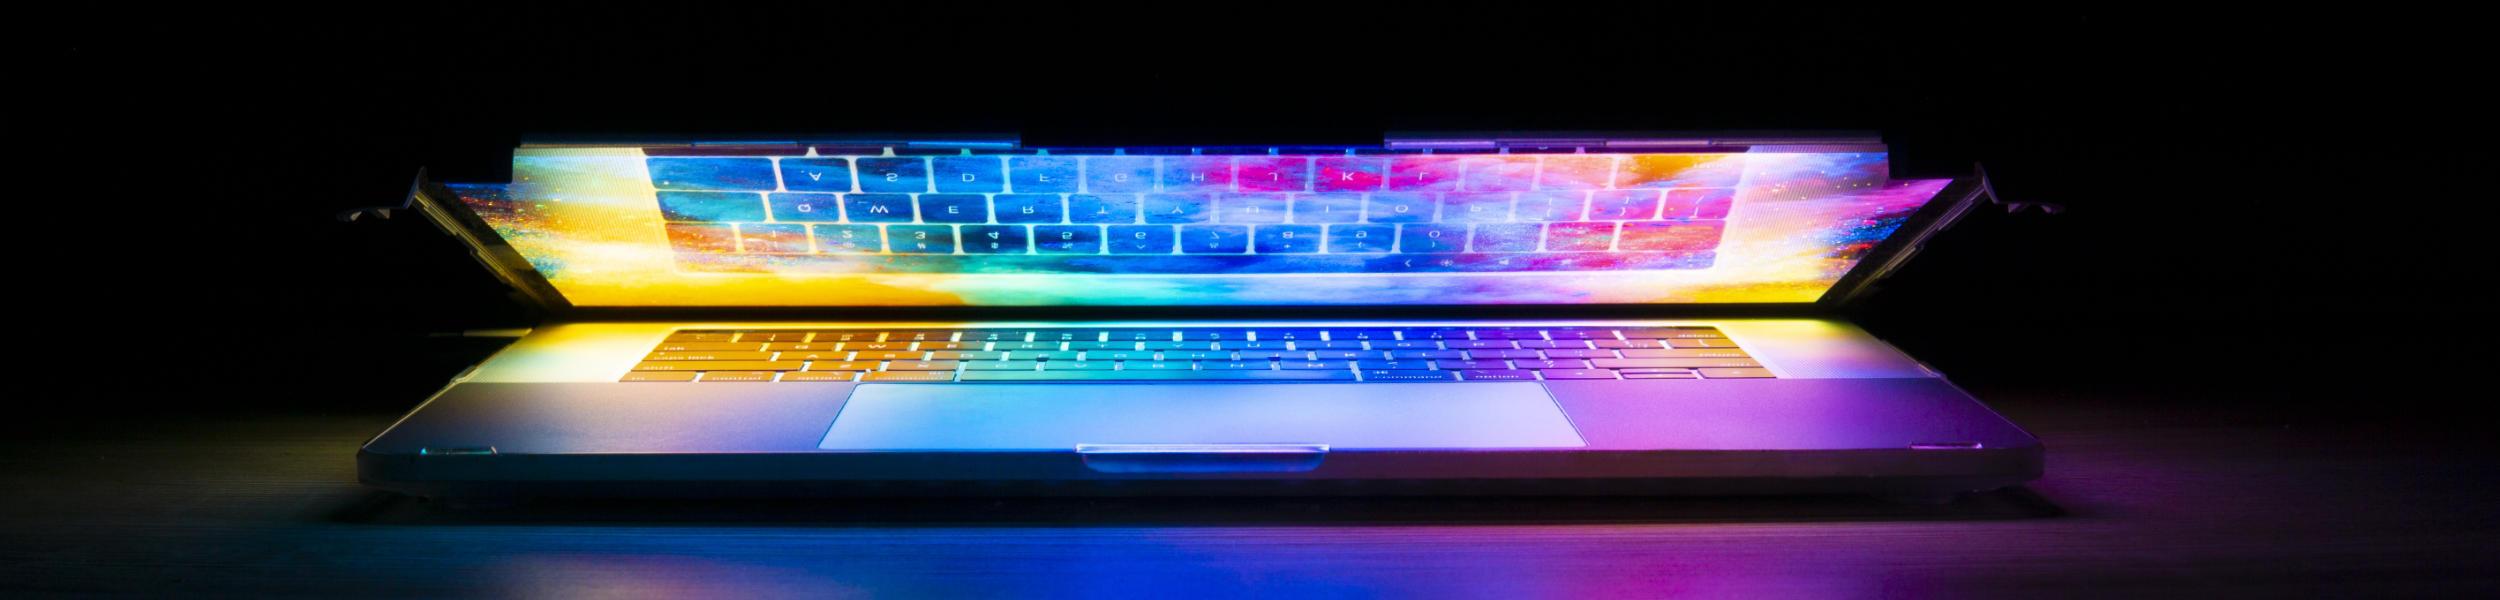 Notebook schimmert in bunten Farben